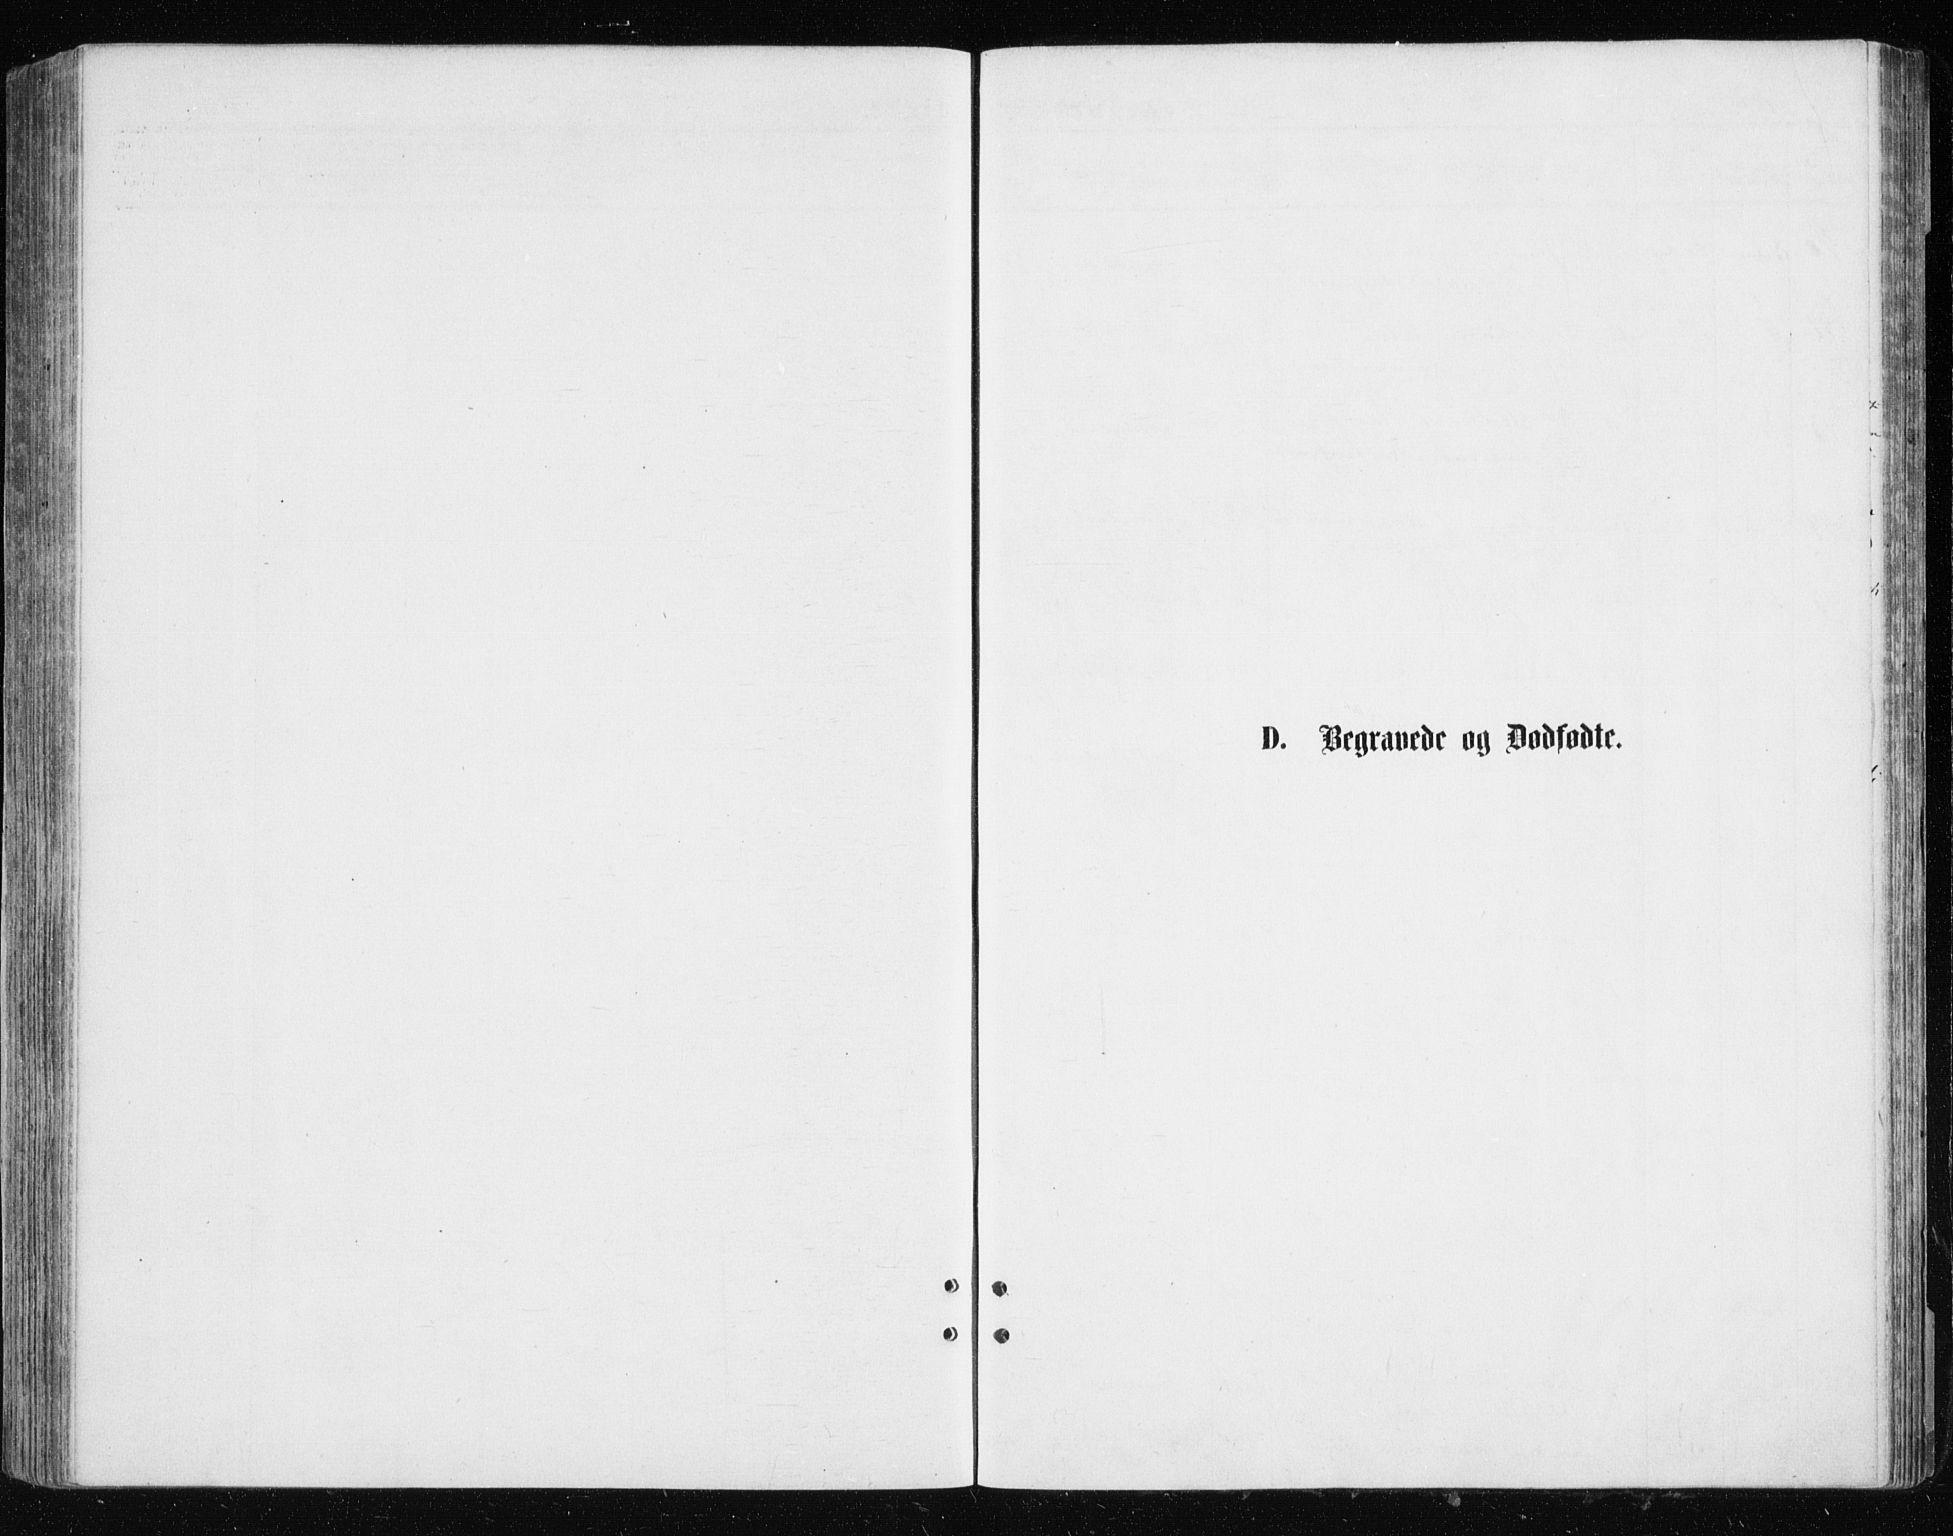 SATØ, Tromsøysund sokneprestkontor, G/Ga/L0003kirke: Parish register (official) no. 3, 1875-1880